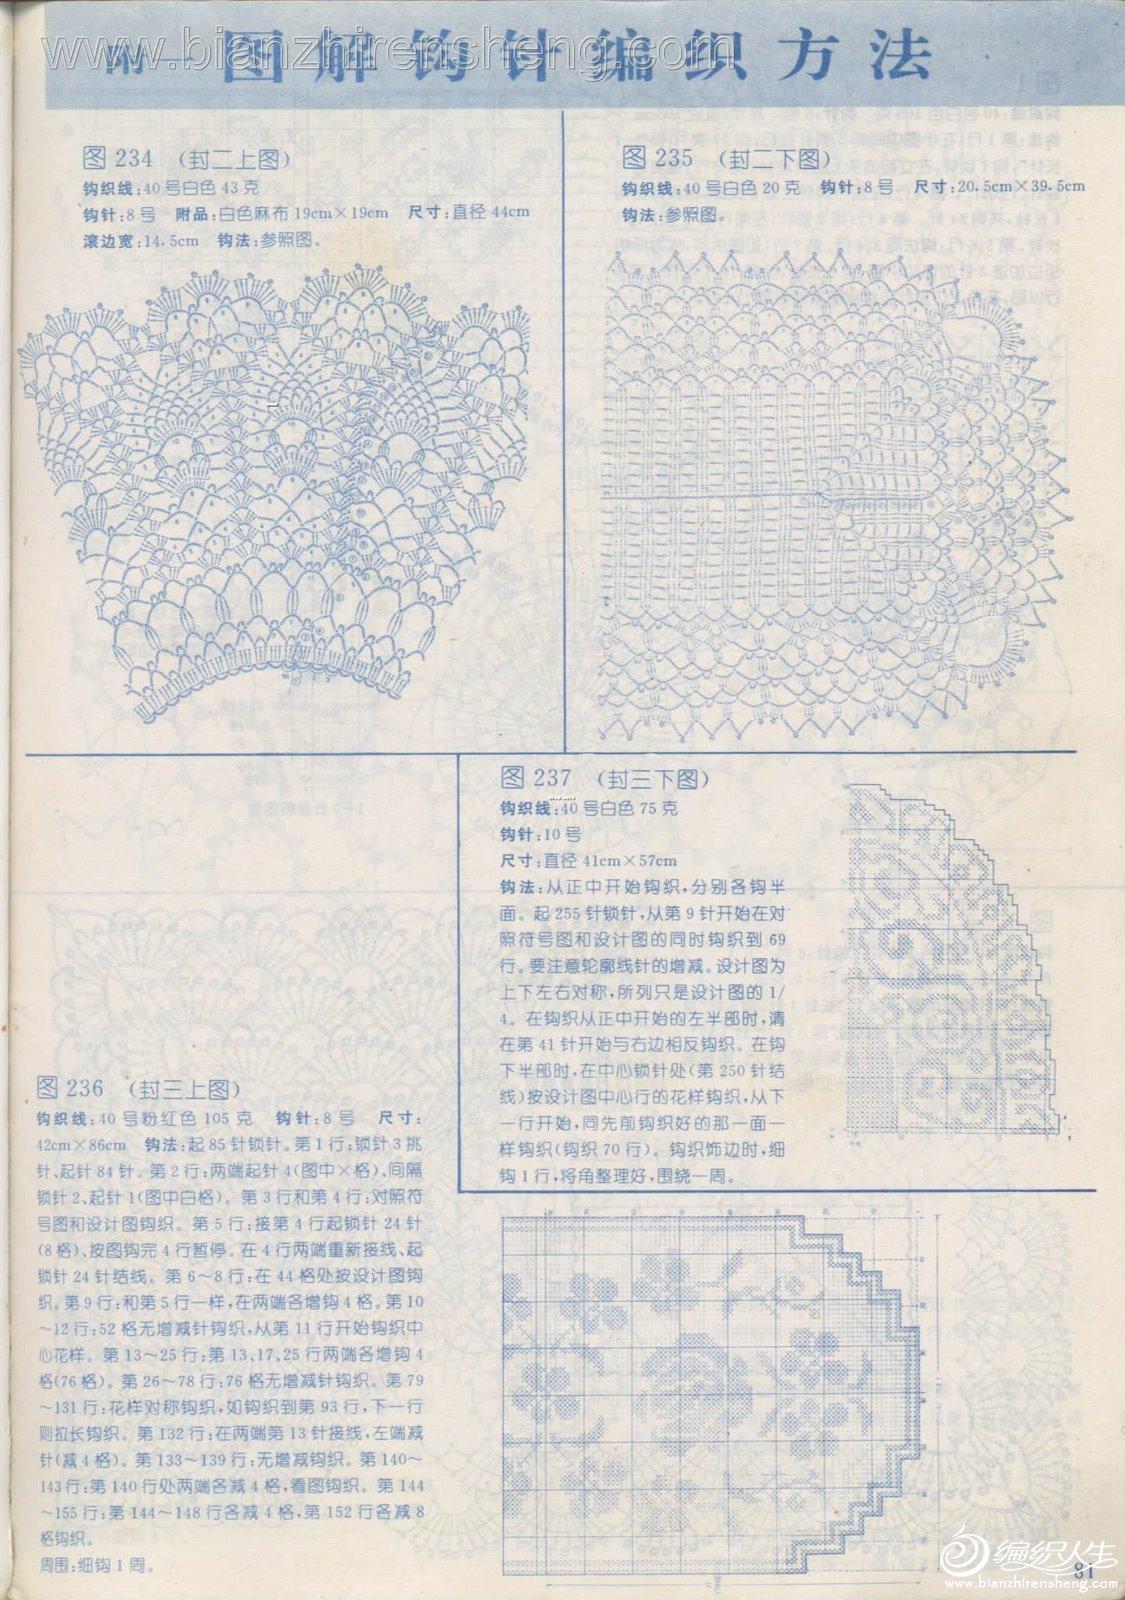 81.jpg